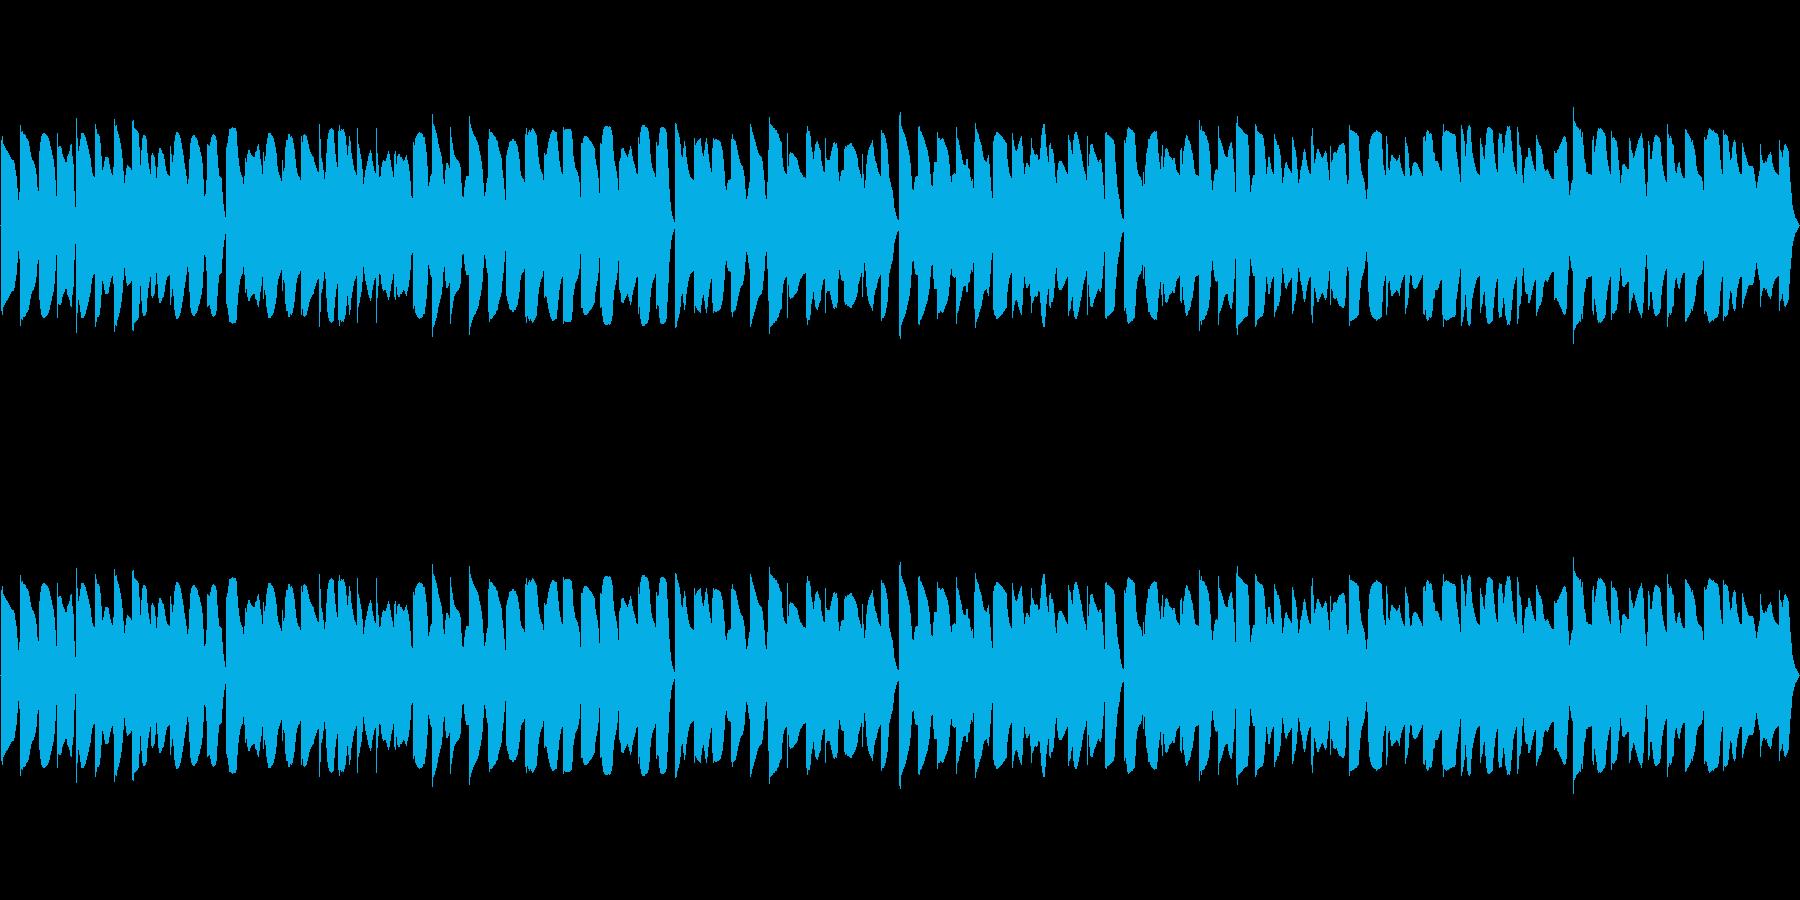 レトロ風なループ曲の再生済みの波形